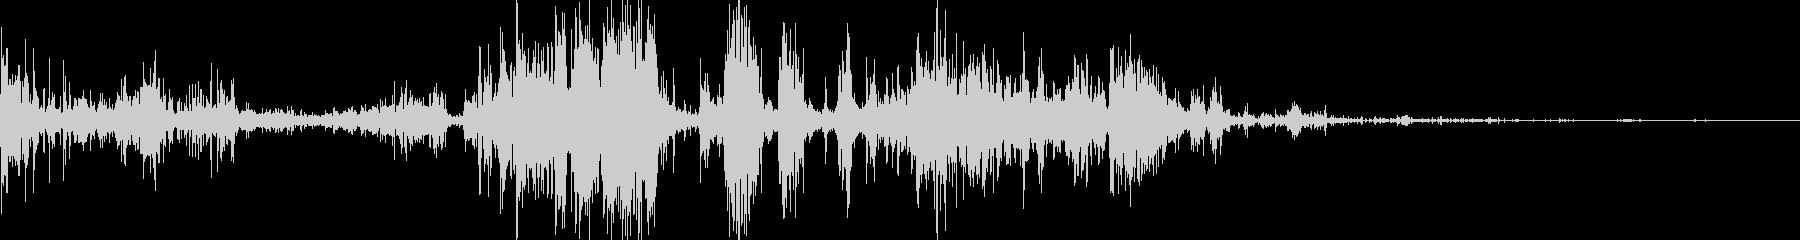 ゾンビの唸り声04の未再生の波形